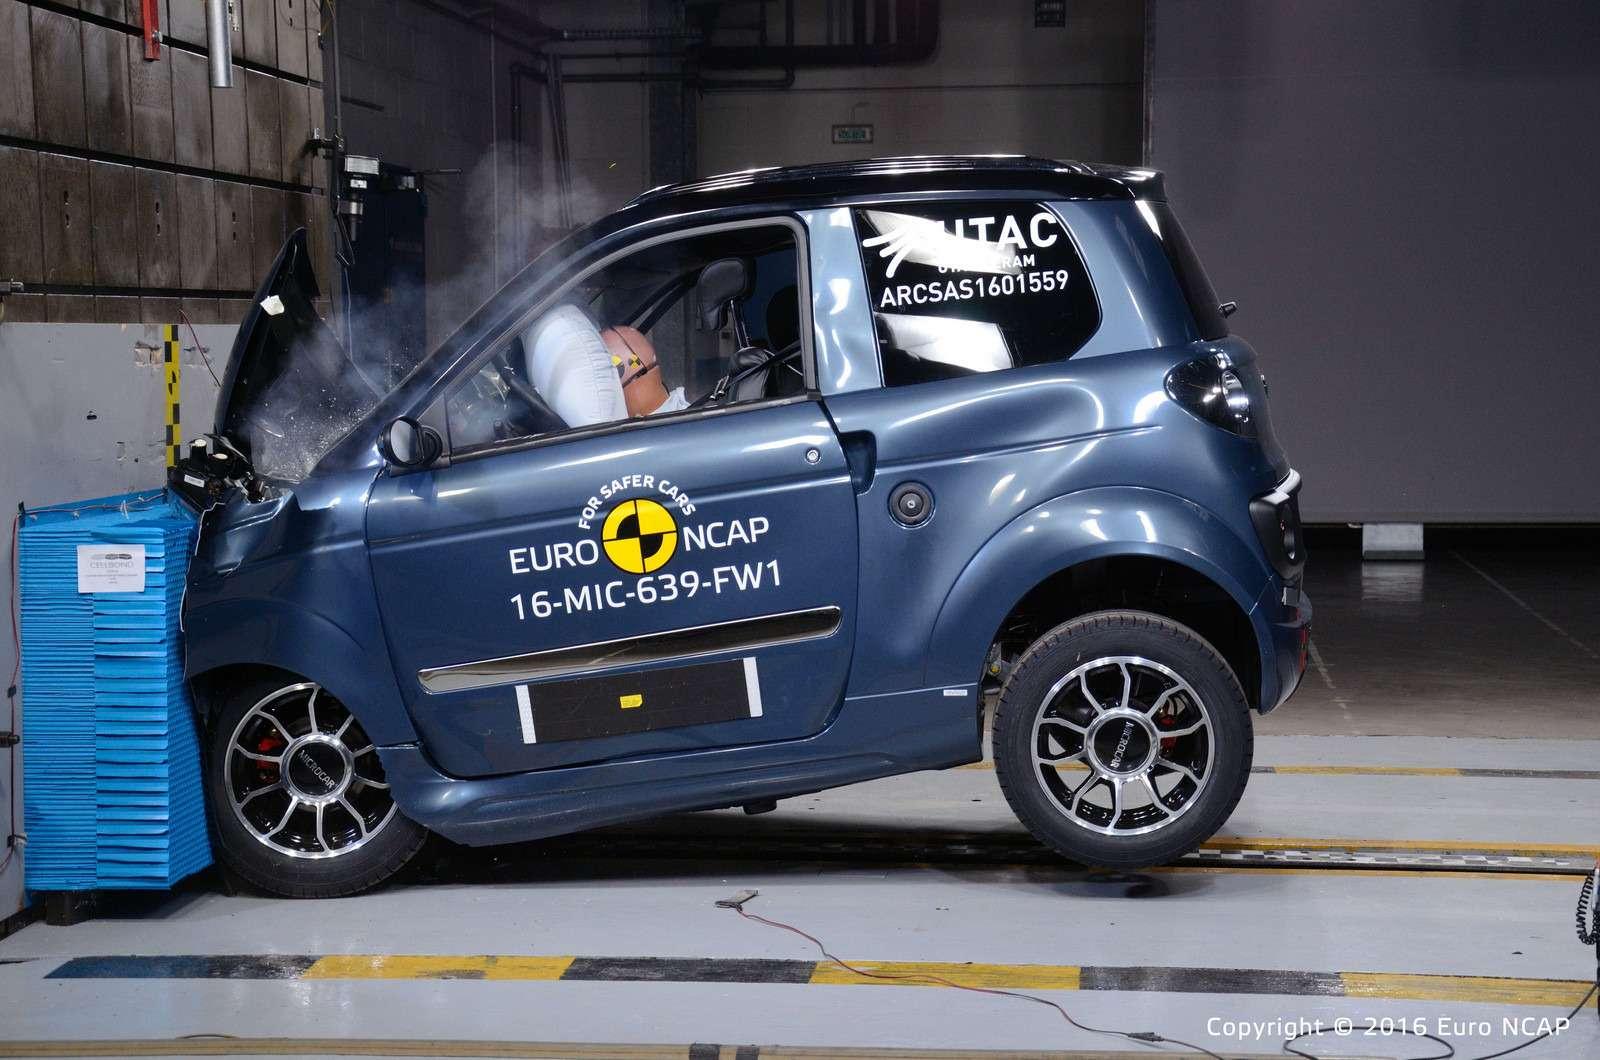 Euro NCAP огласил ужасающие результаты краш-тестов тяжелых квадроциклов— фото 573084